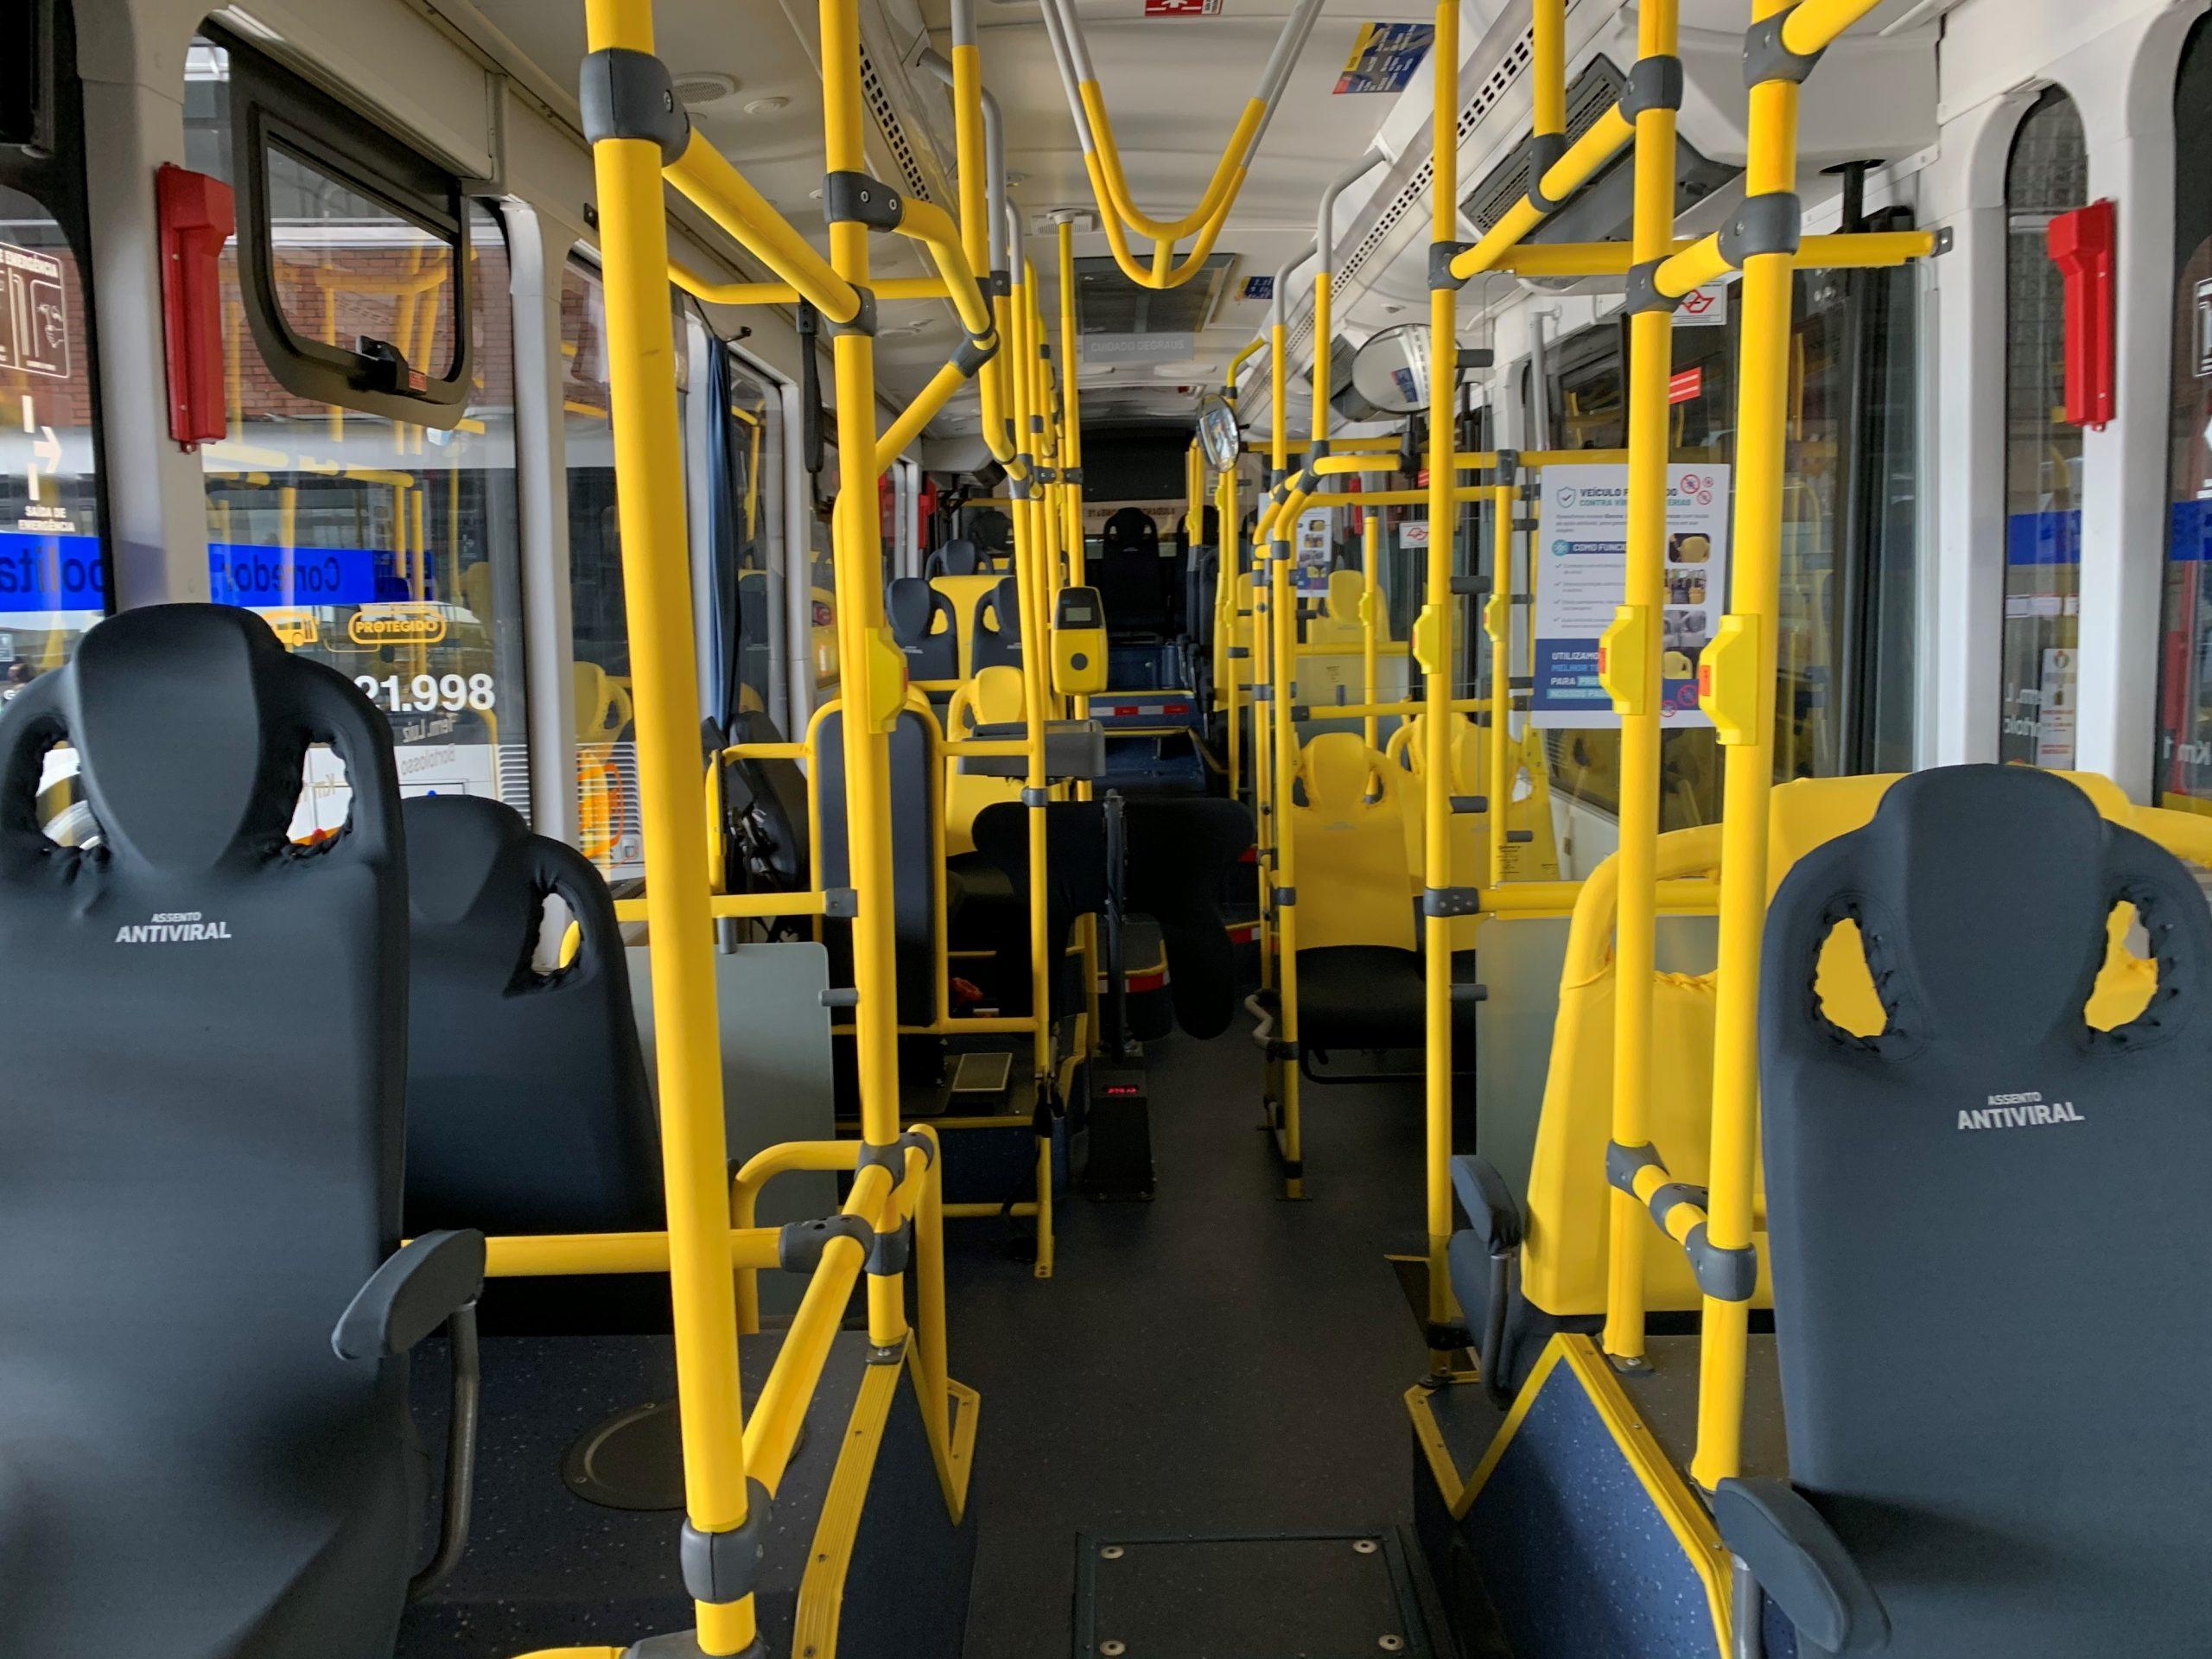 interior ônibus antiviral